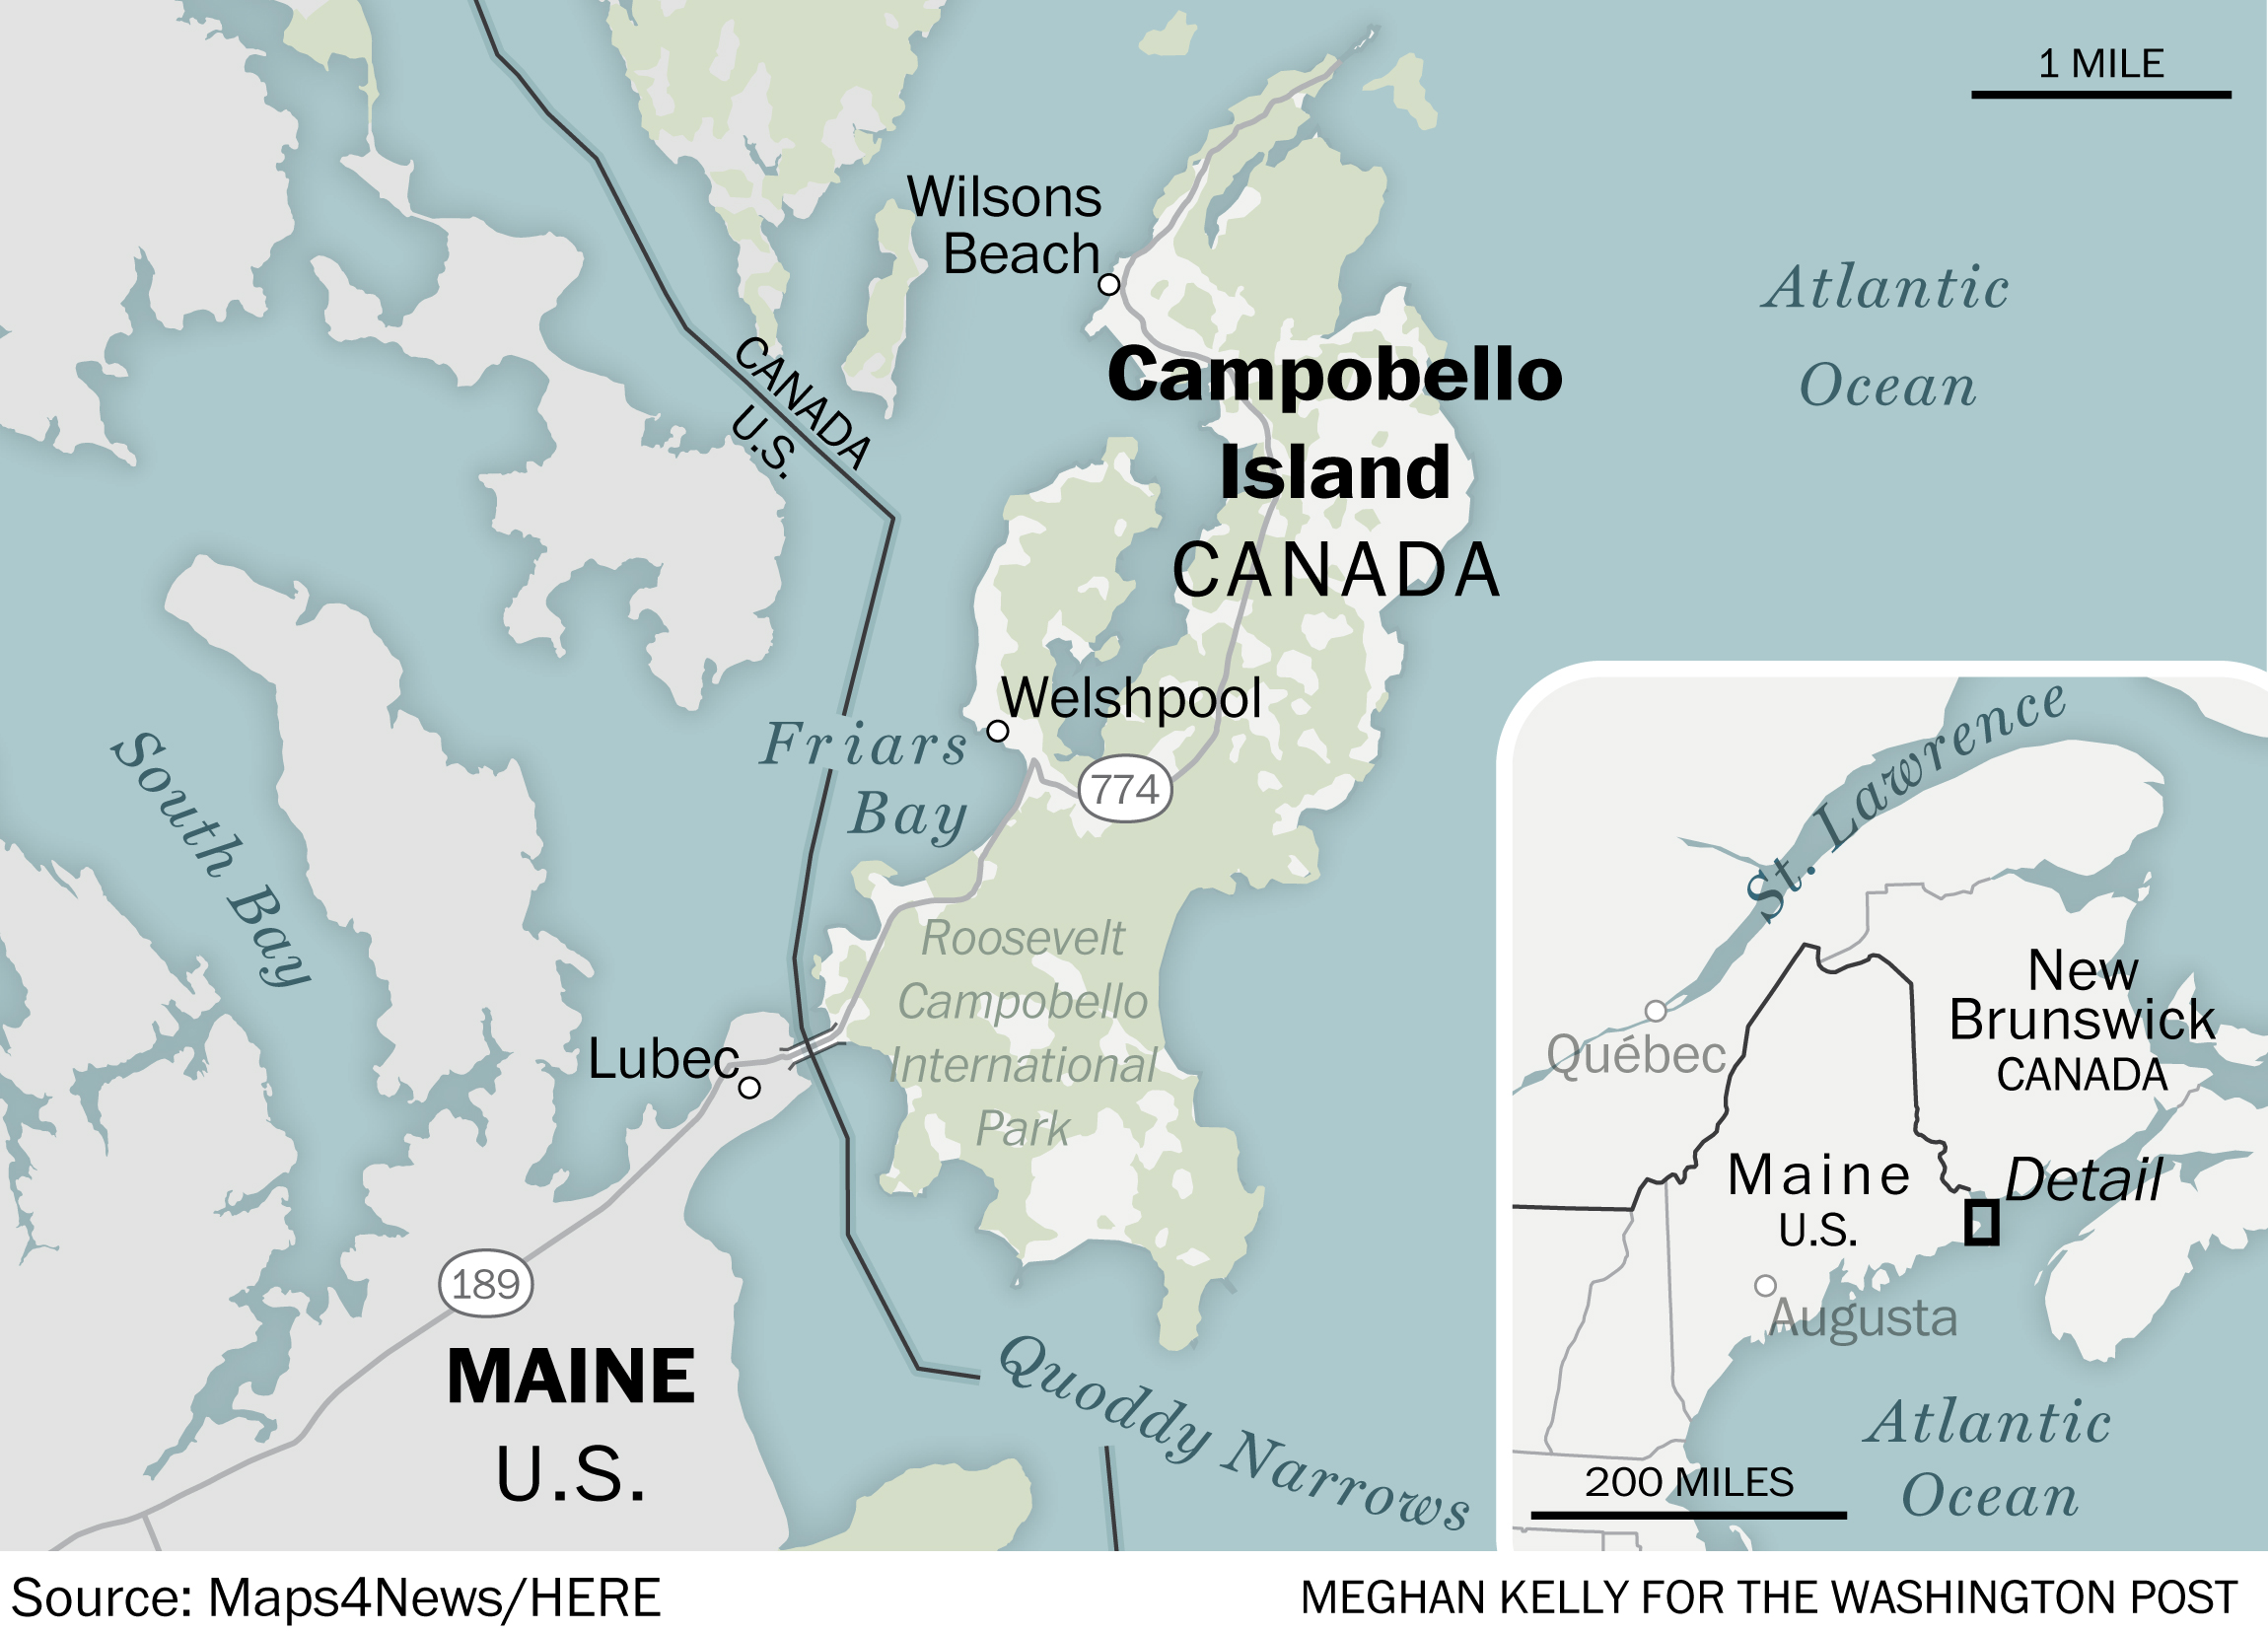 Delano Island Canada Map Canada Post mail to Campobello Island crosses Maine. CPB agents